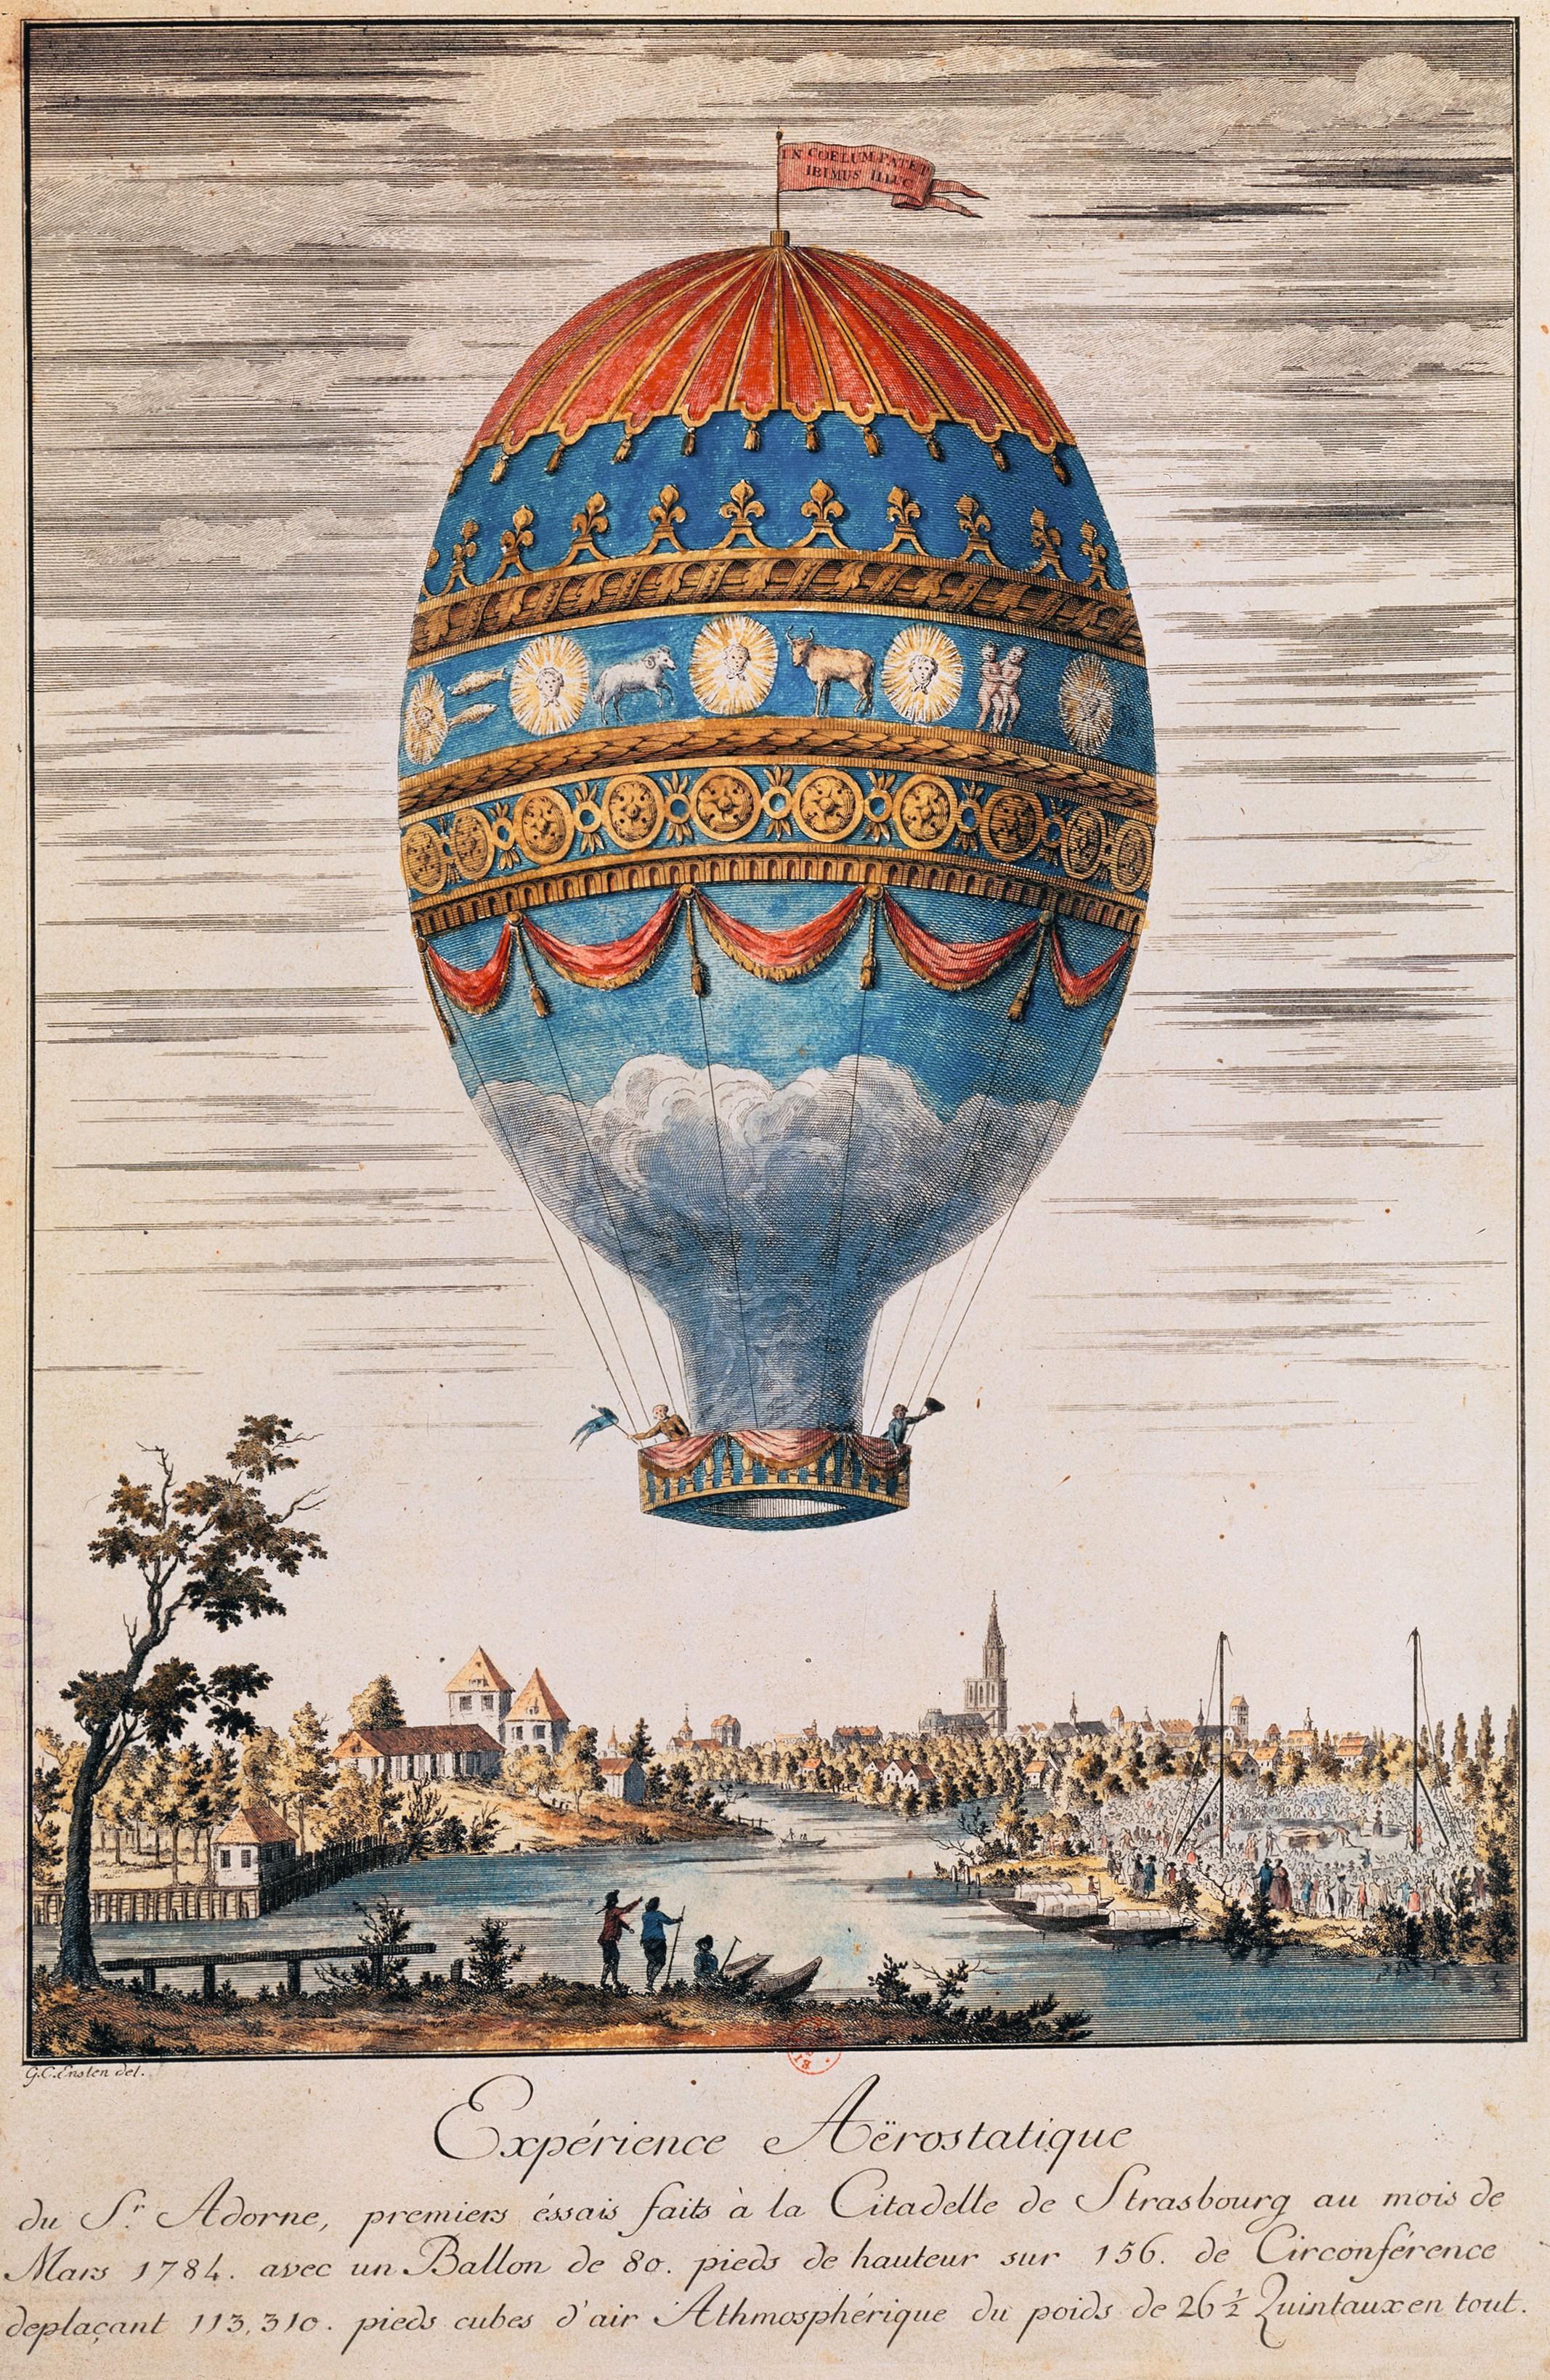 Johann Carl Enslen, Expérience aérostatique faite à la citadelle de Strasbourg en mars 1784, gravure sur cuivre coloriée, 1784, 31 x 22,8 cm, BnF, Paris.